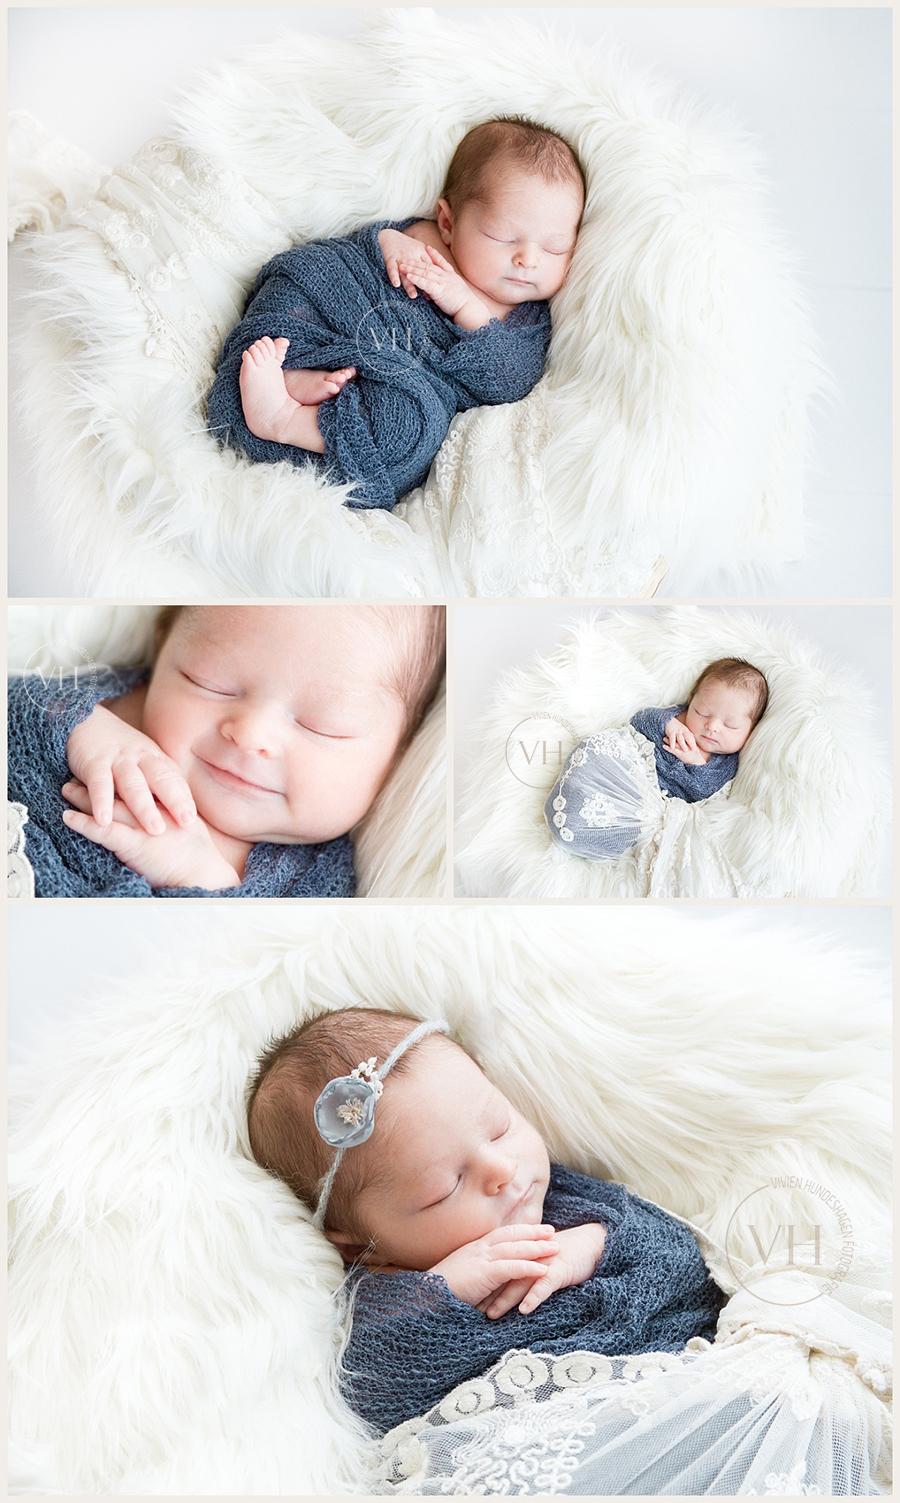 Newborn_Fotos_Babyfotos_Neugeborenenfotos_Braunschweig_Fotostudio